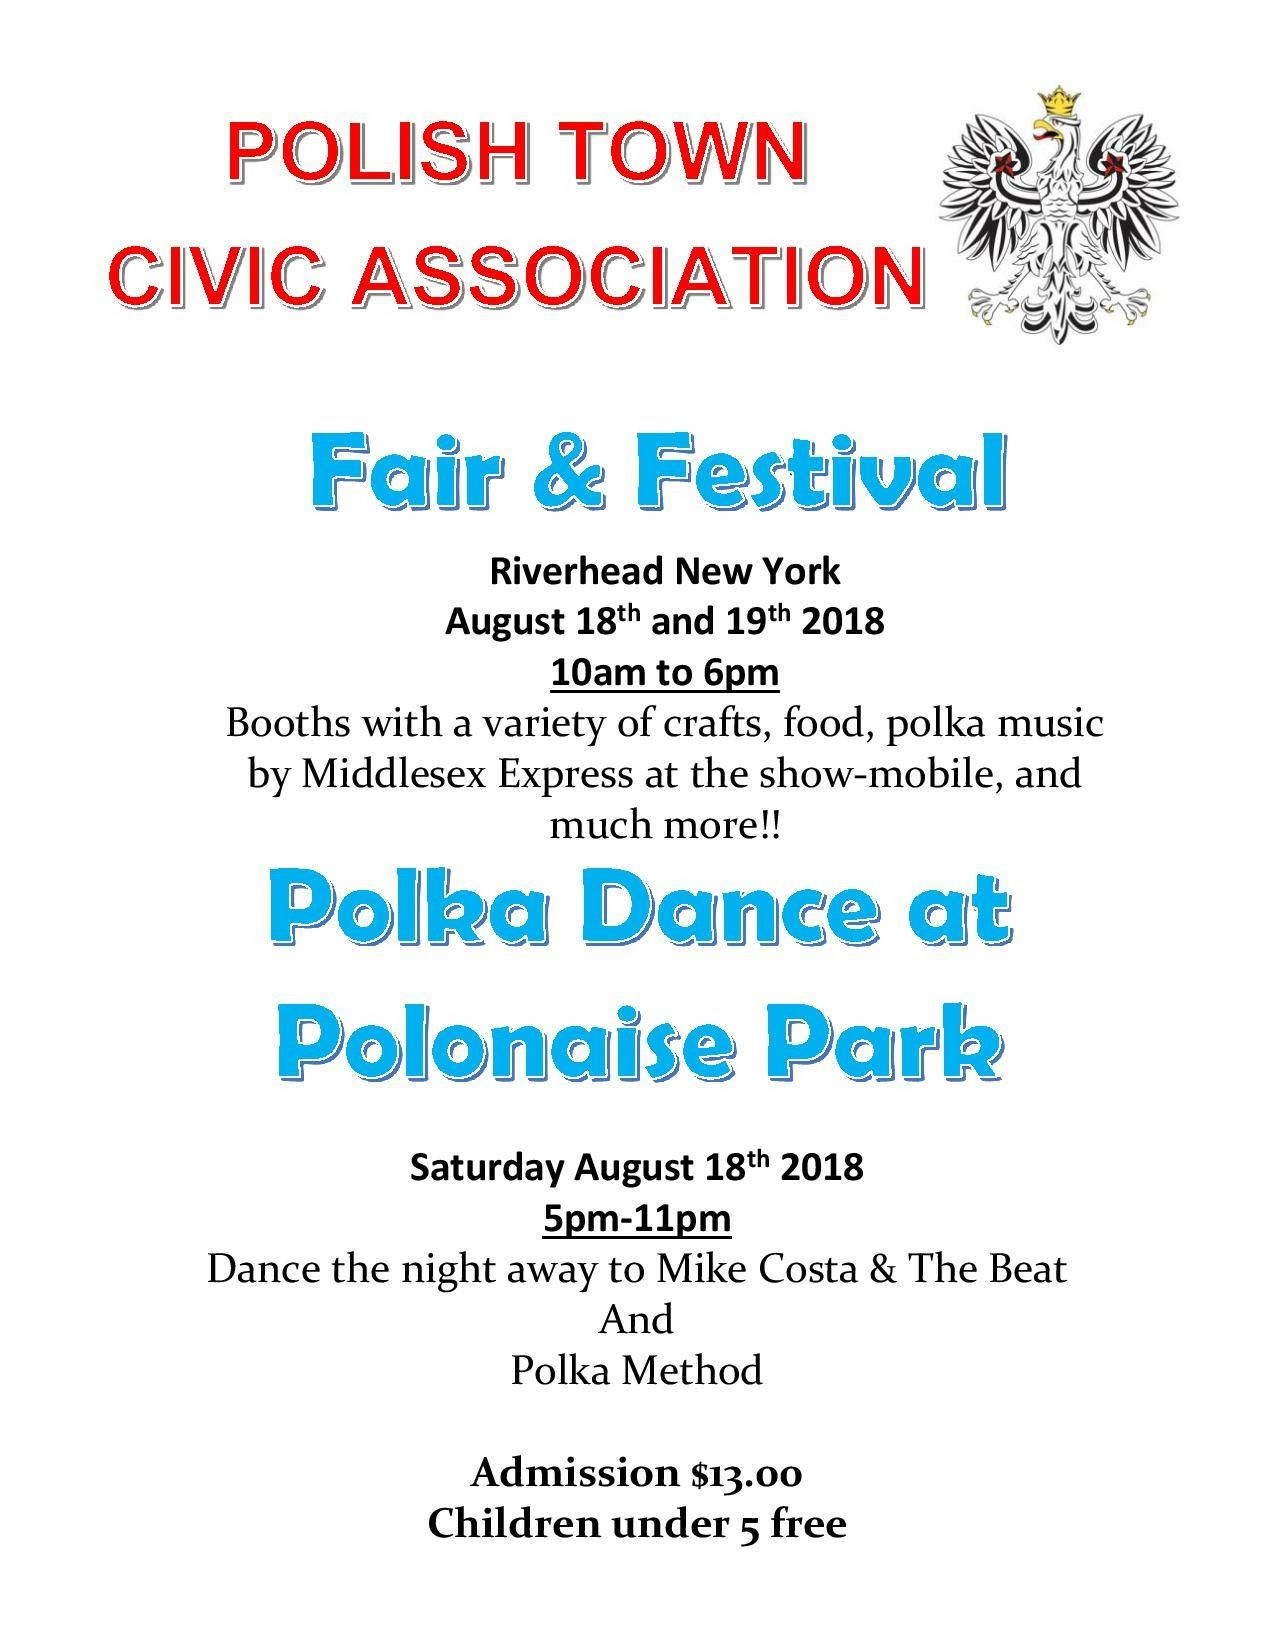 The 2018 Polish Town Fair | Polish Town Civic Association